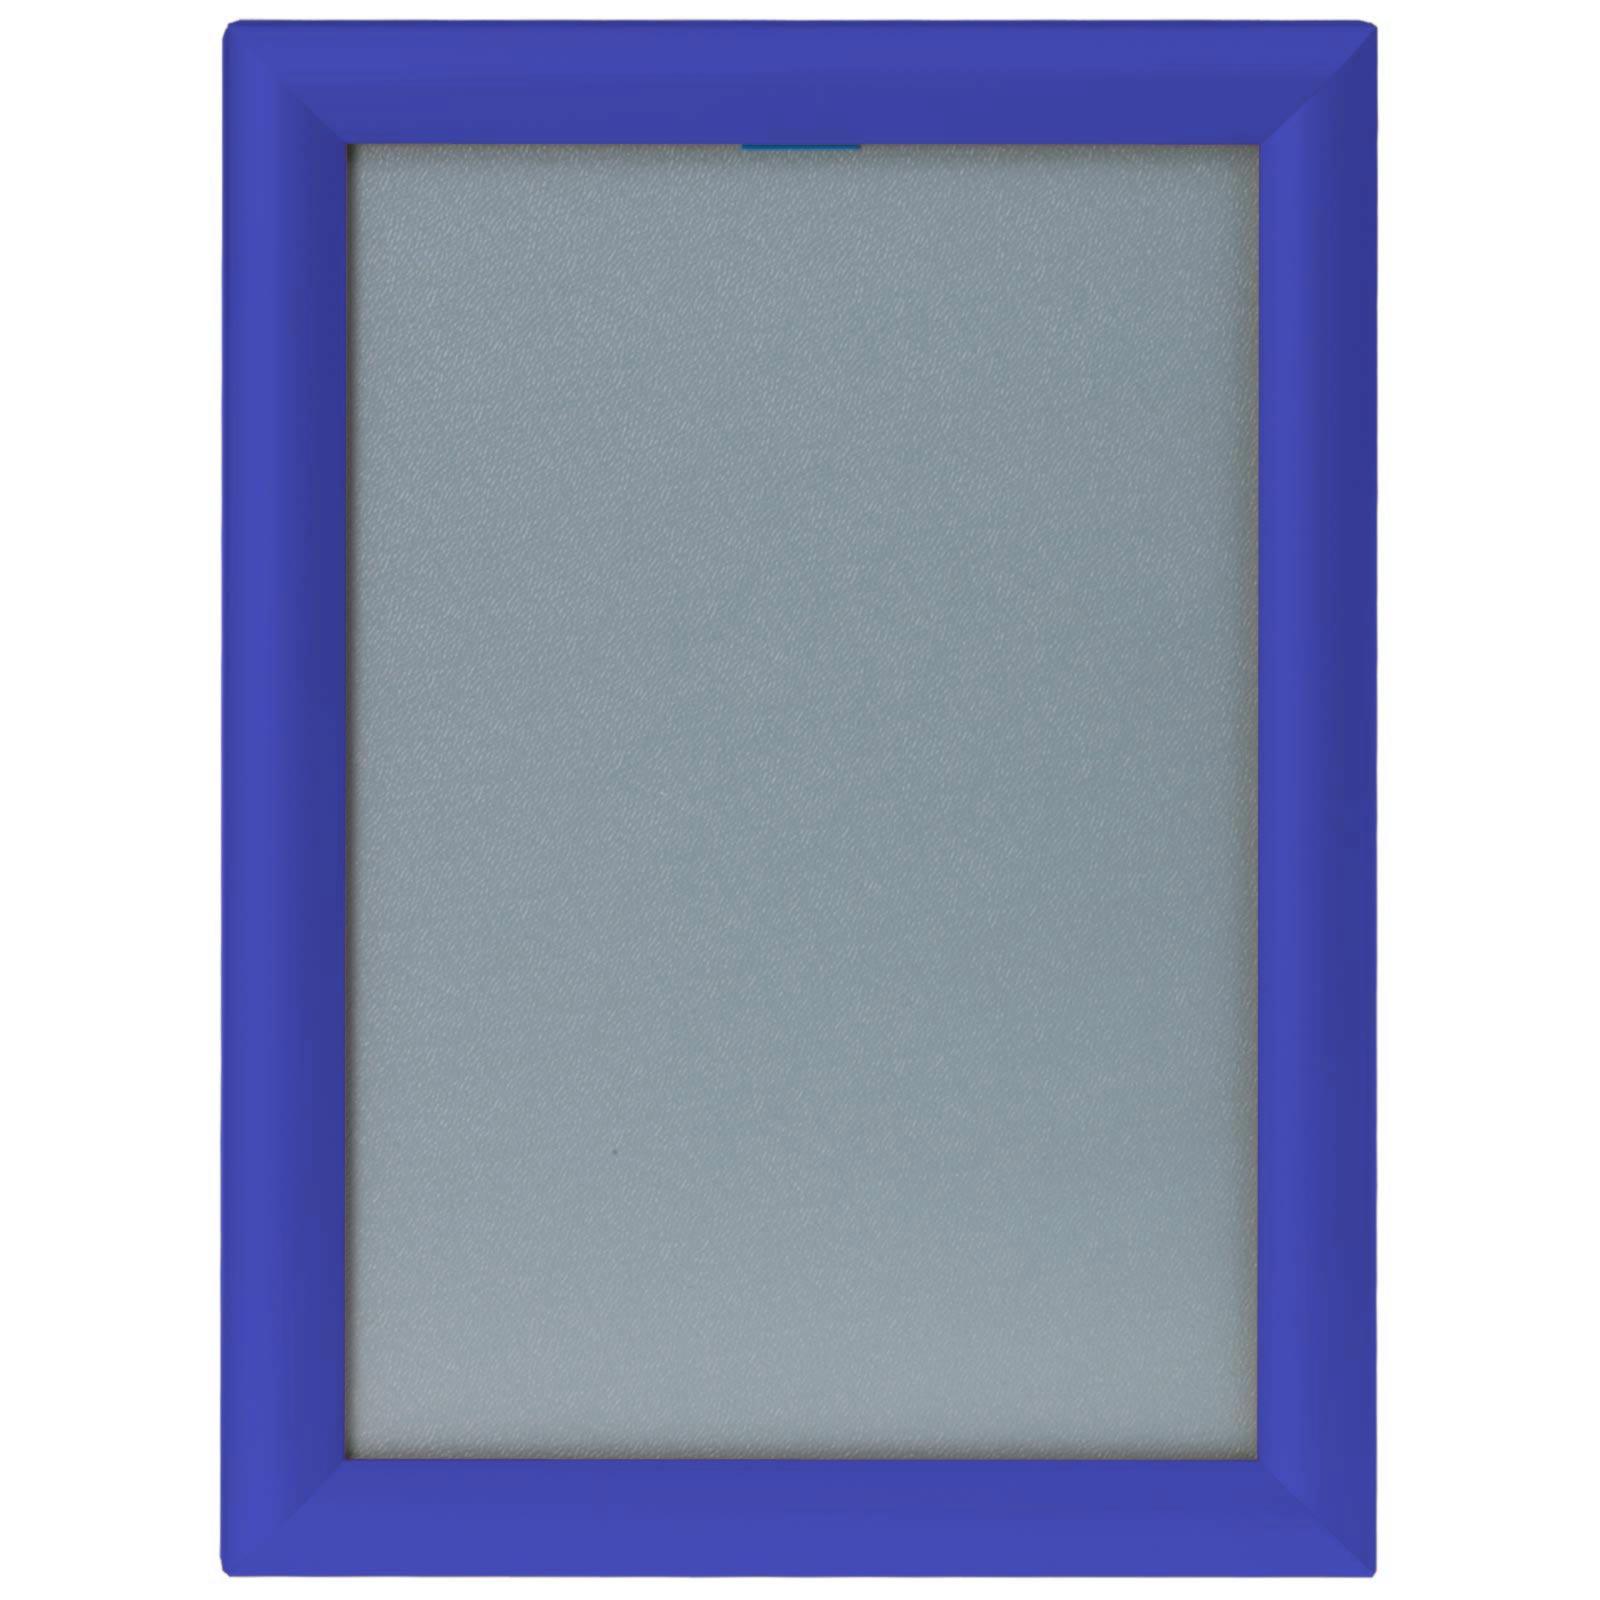 klapprahmen blau auf gehrung a4 a3 a2 a1 25mm plakatrahmen posterrahmen